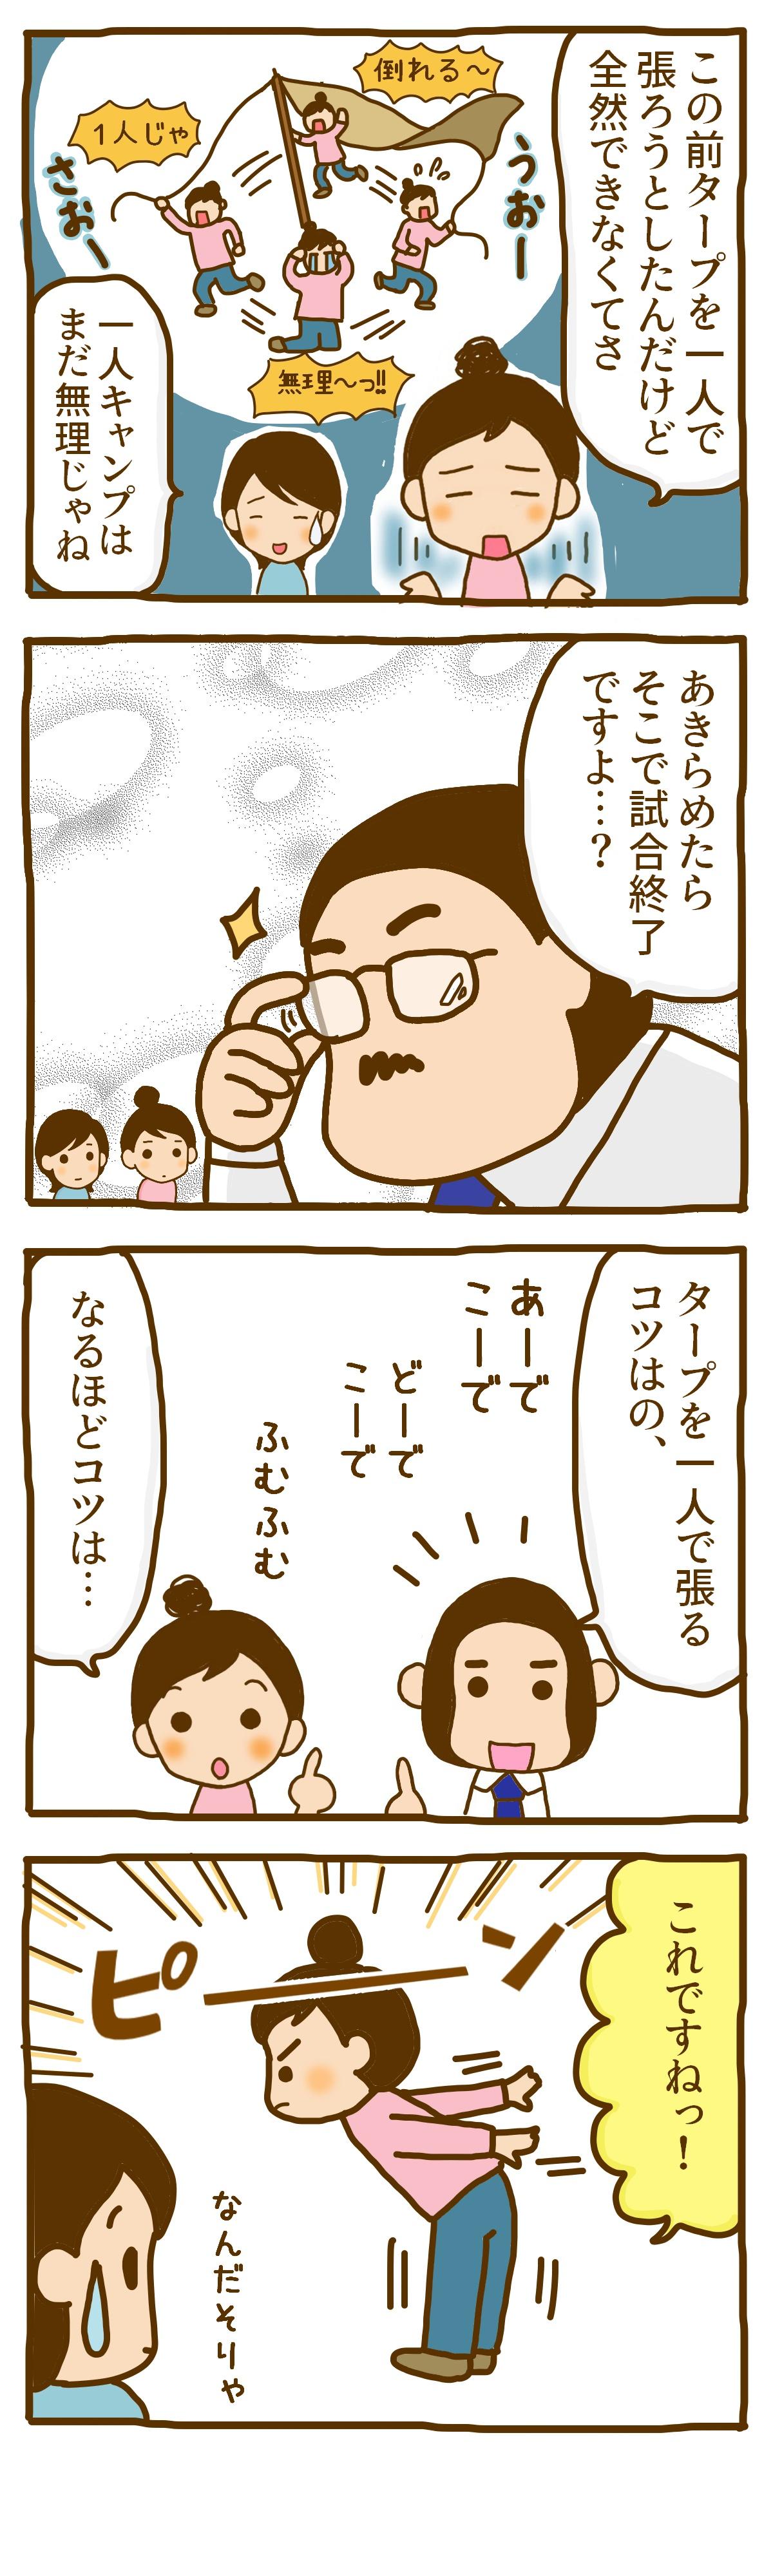 漫画148